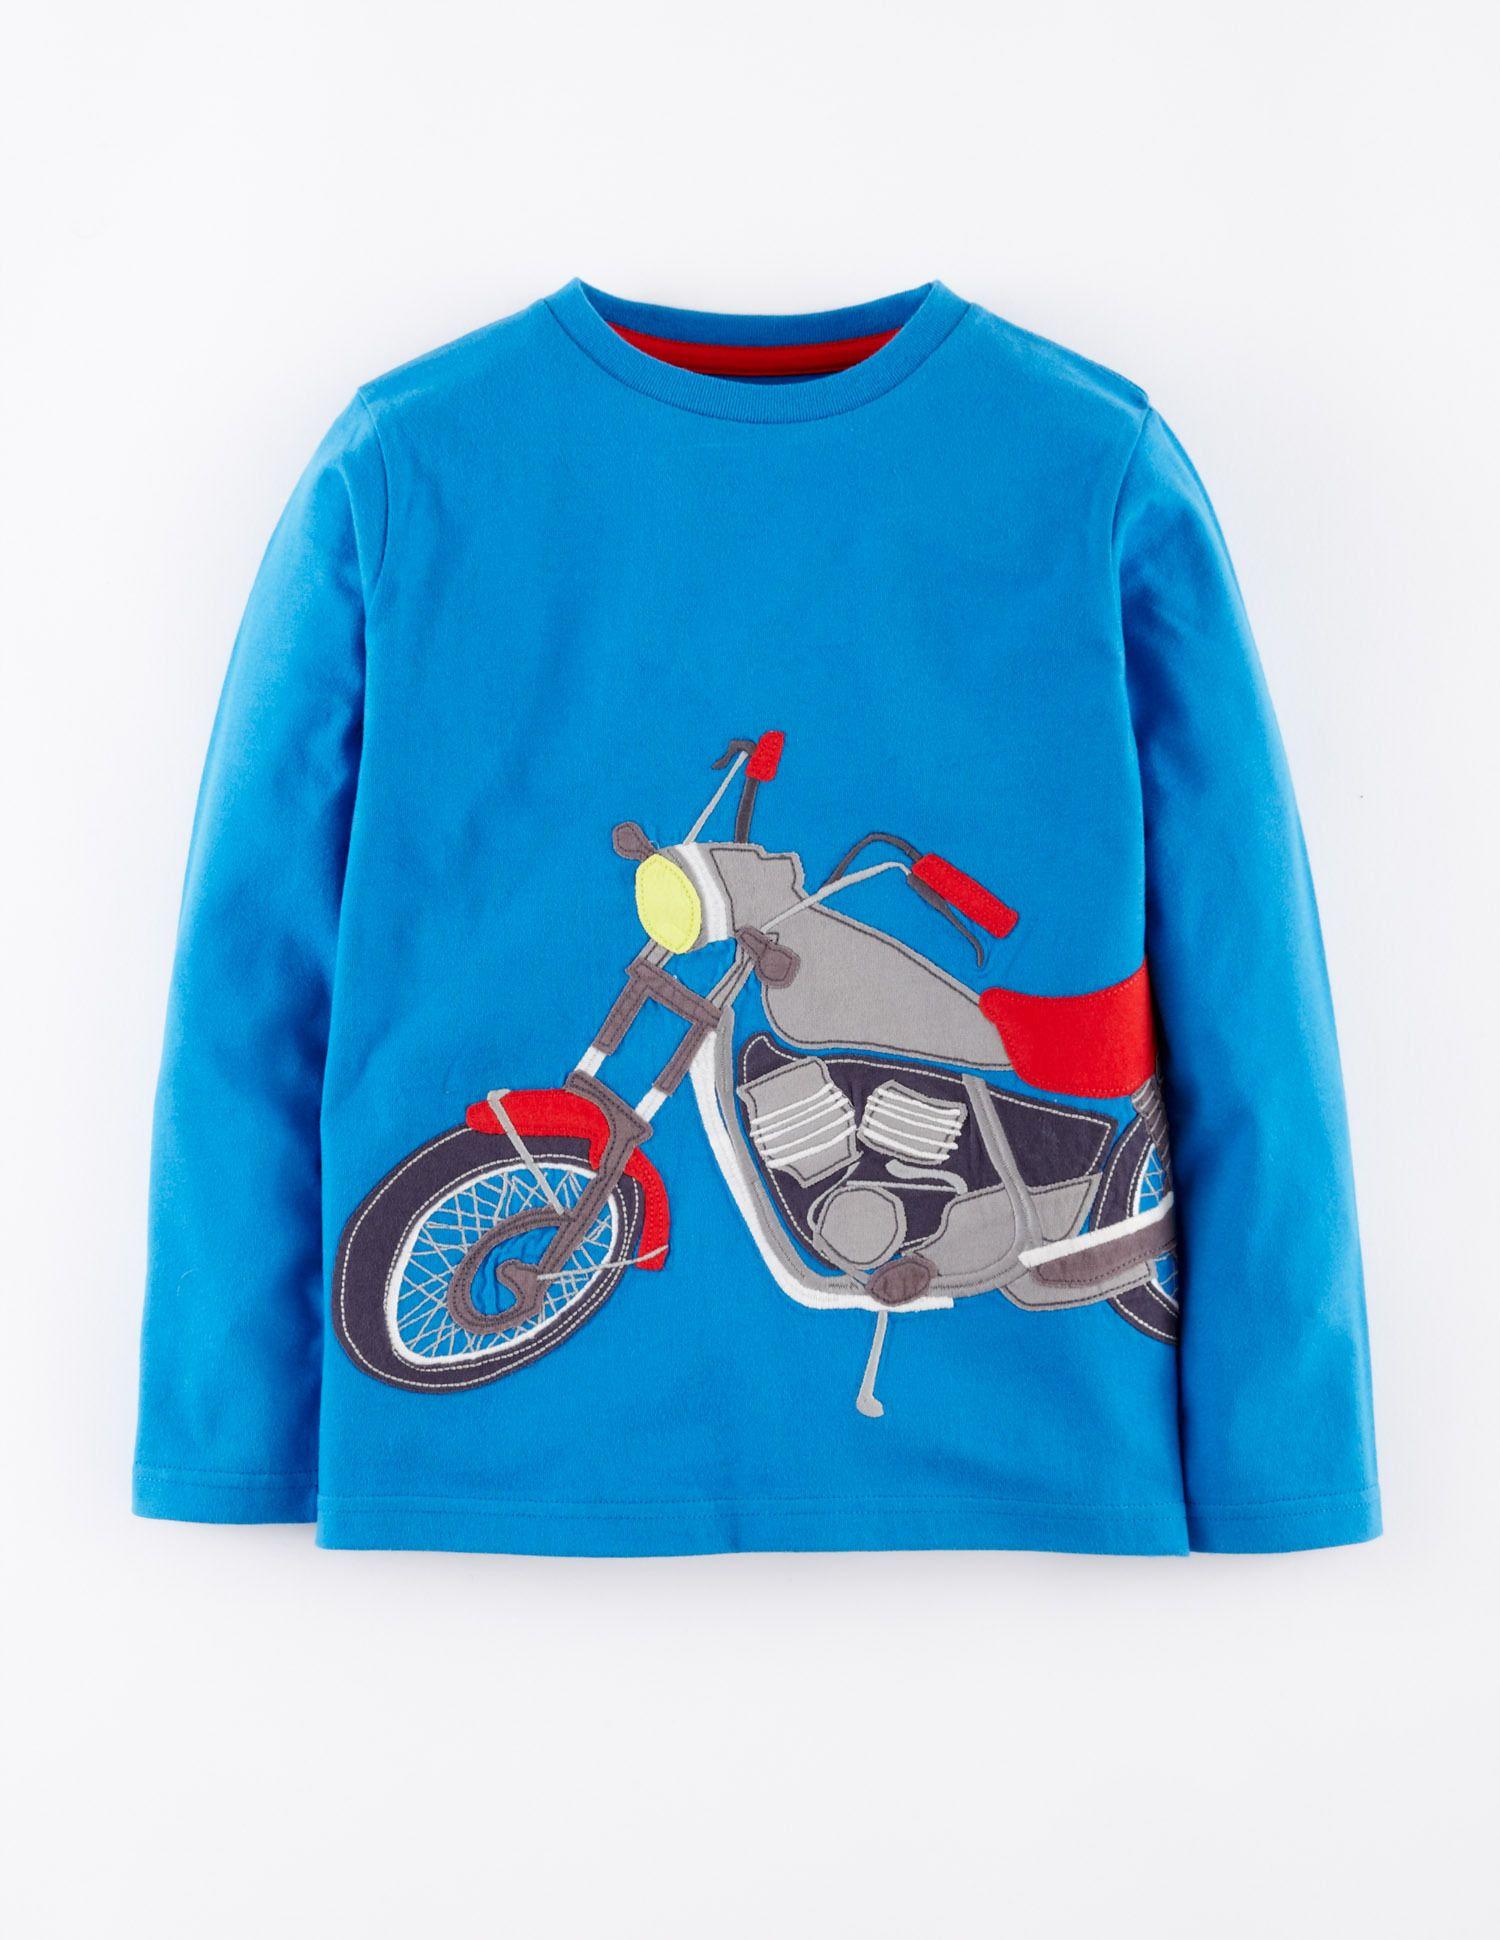 Vehicle Tshirt 21735 Logo TShirts at Boden T shirt